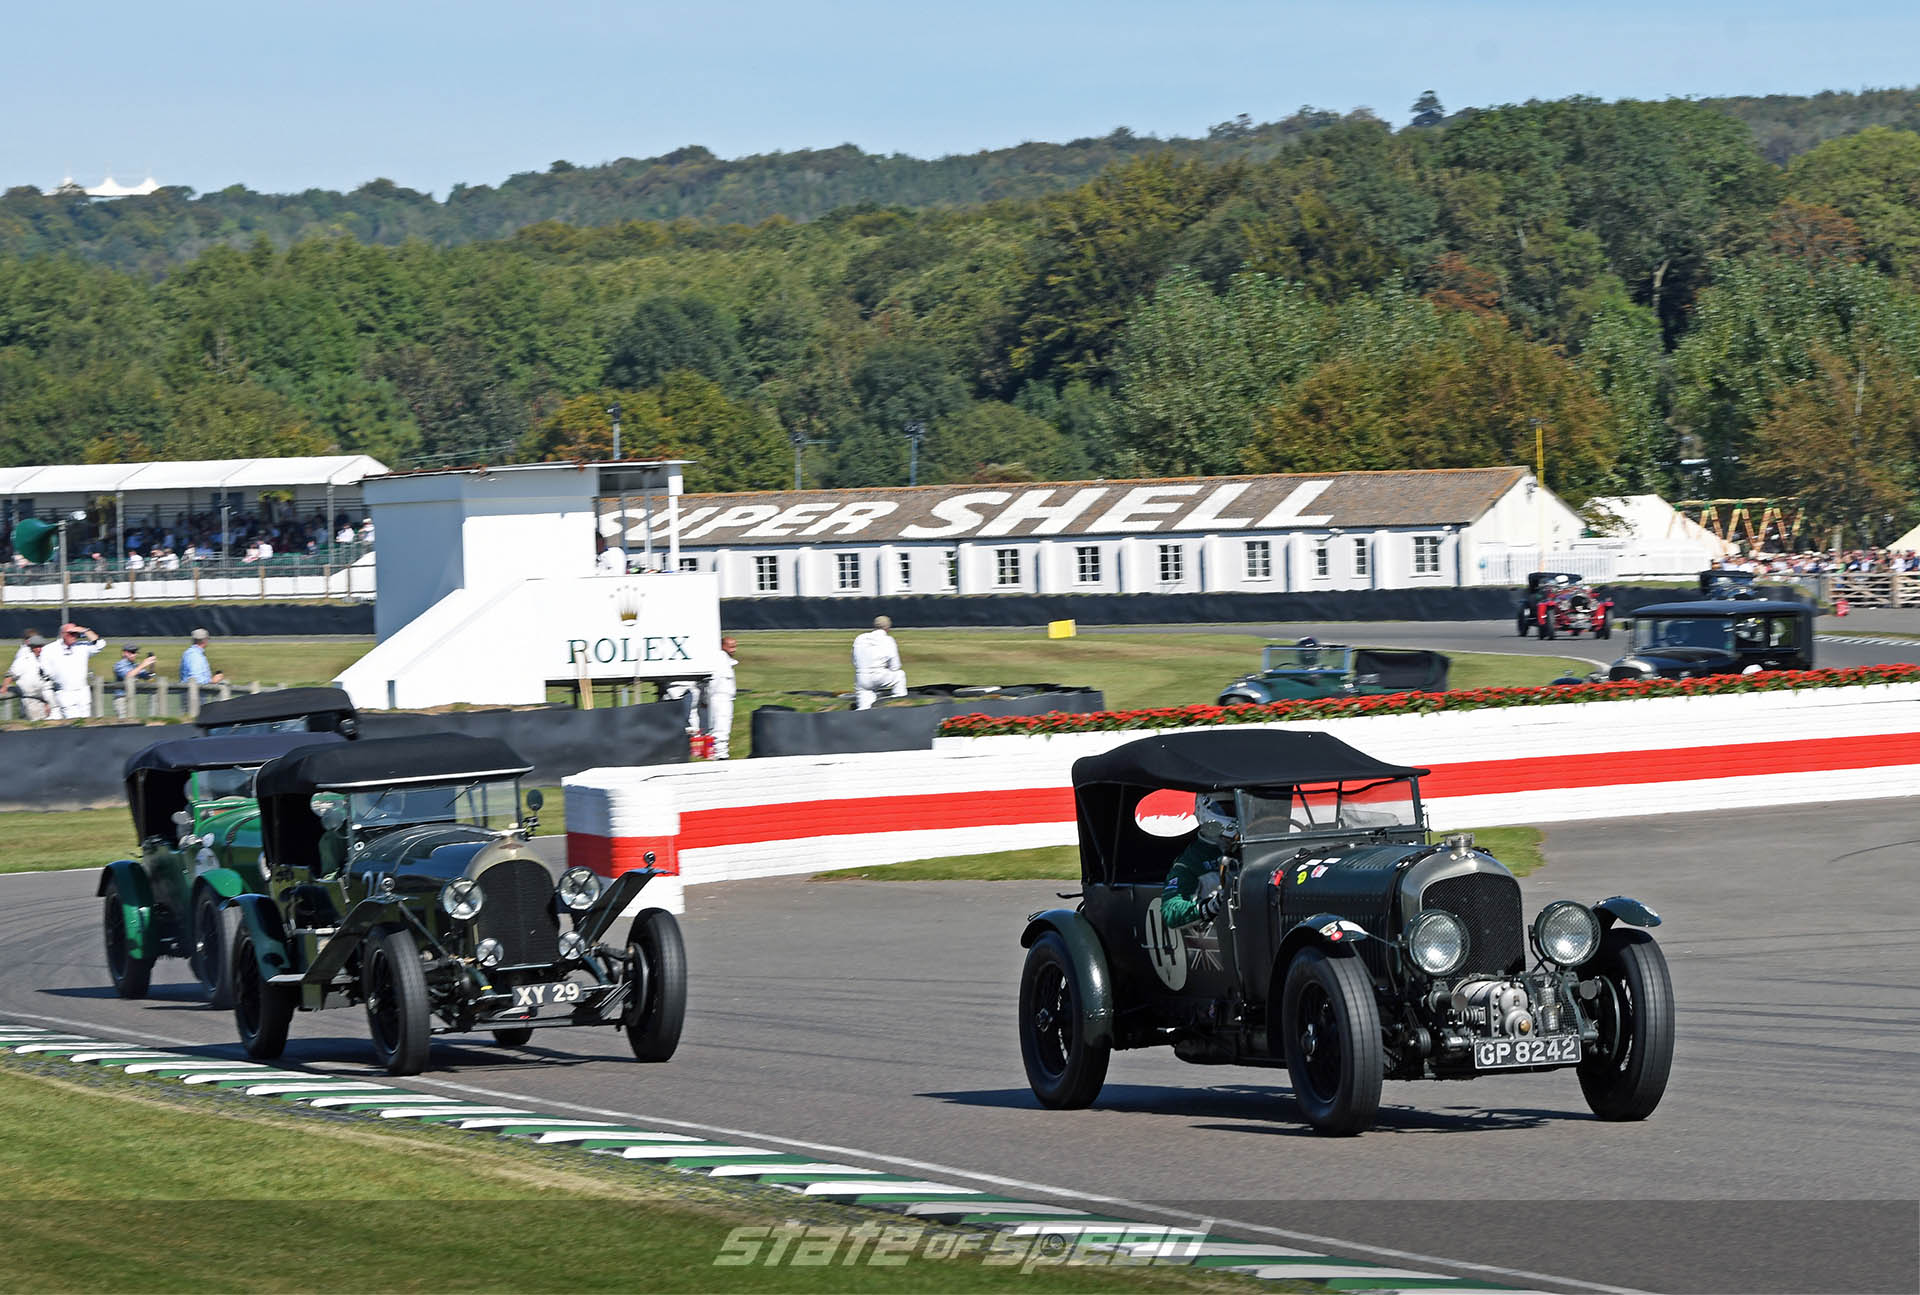 Pre-war Bentley racing